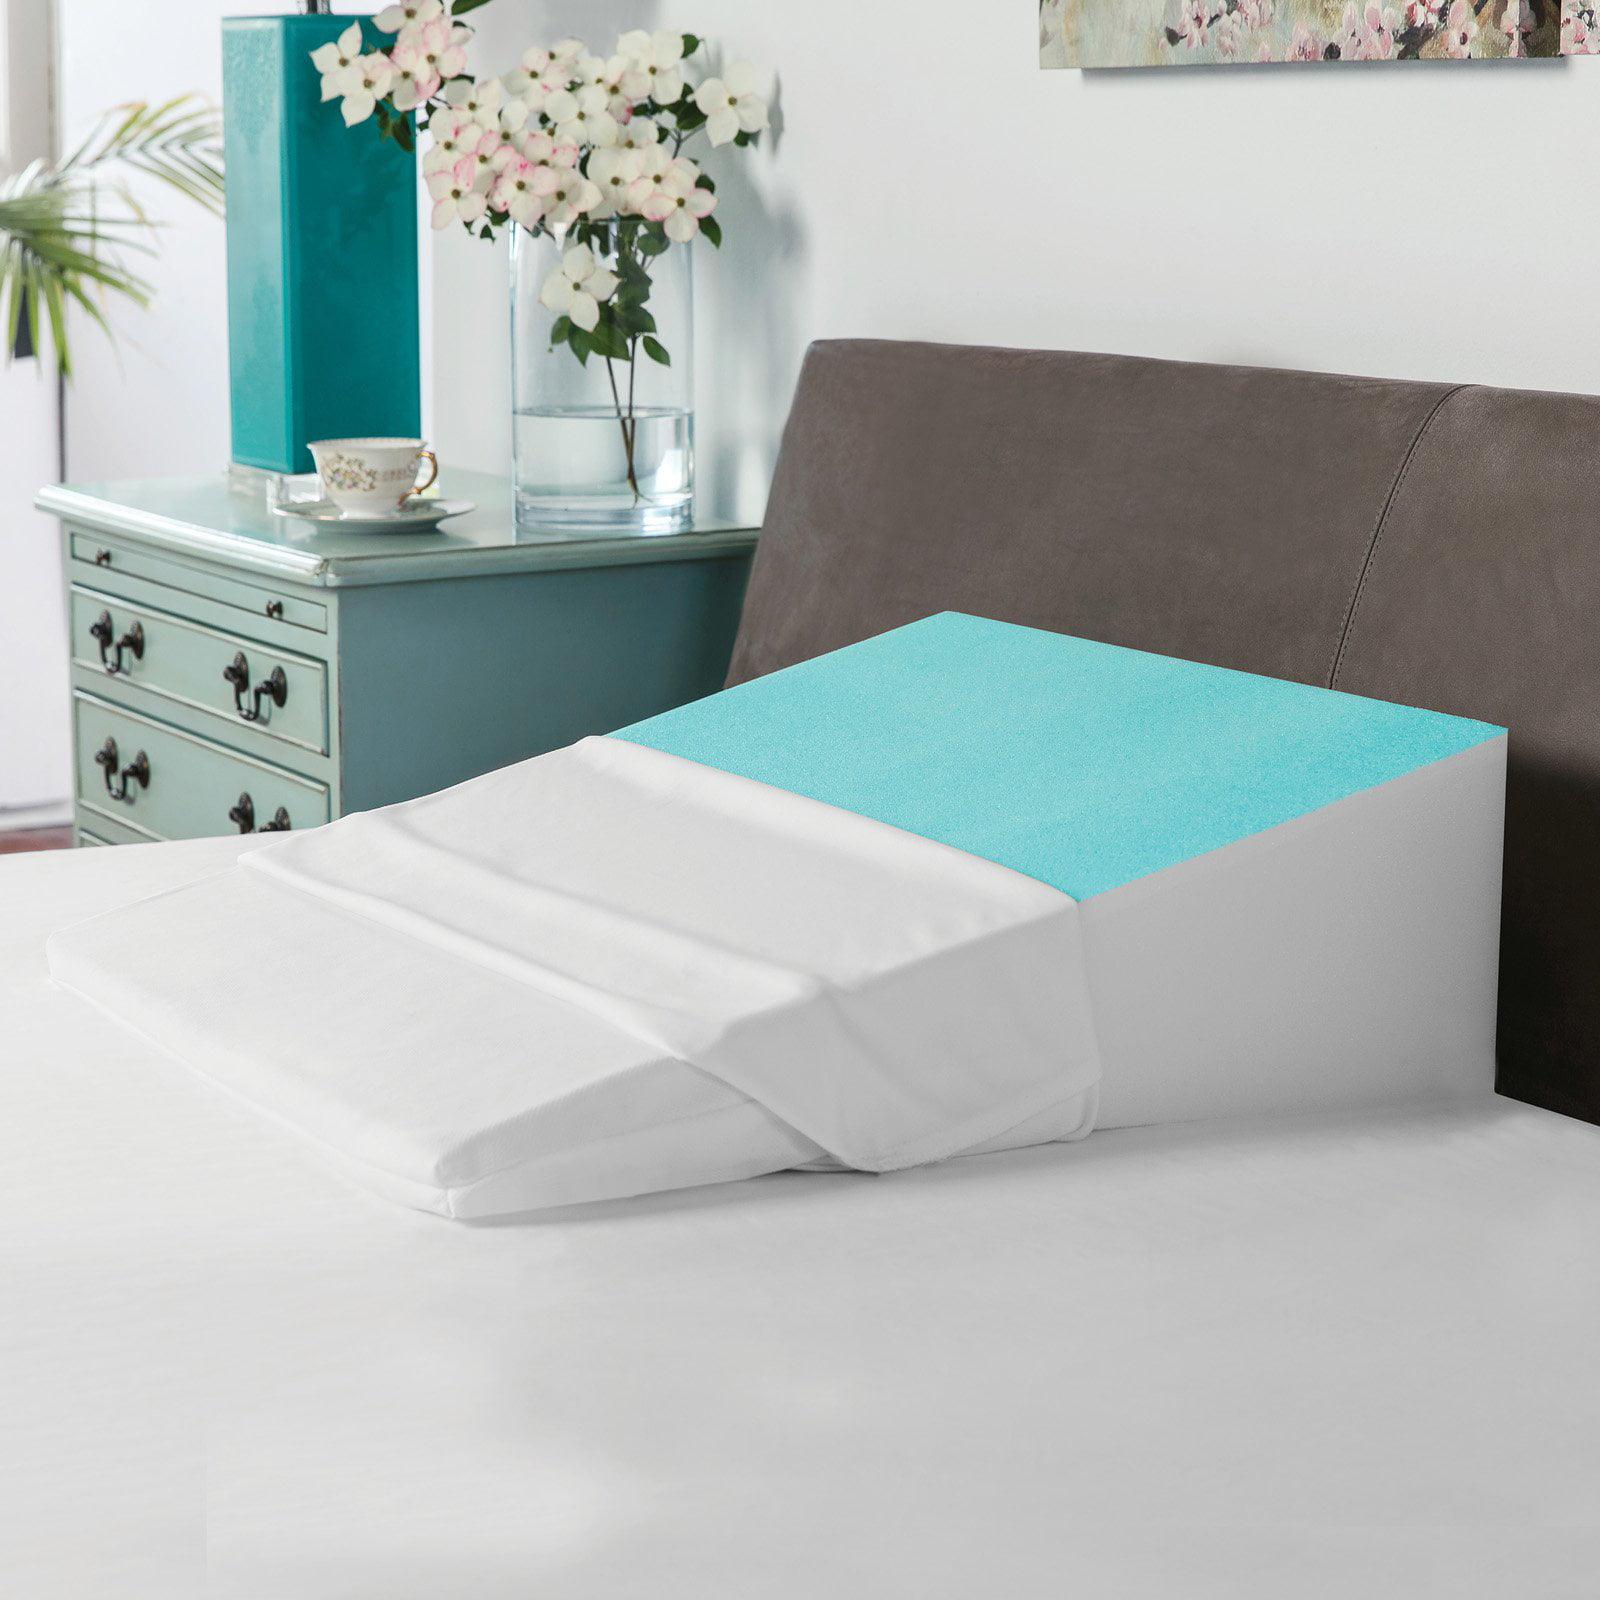 Sensorpedic Cooling Gel Bed Wedge